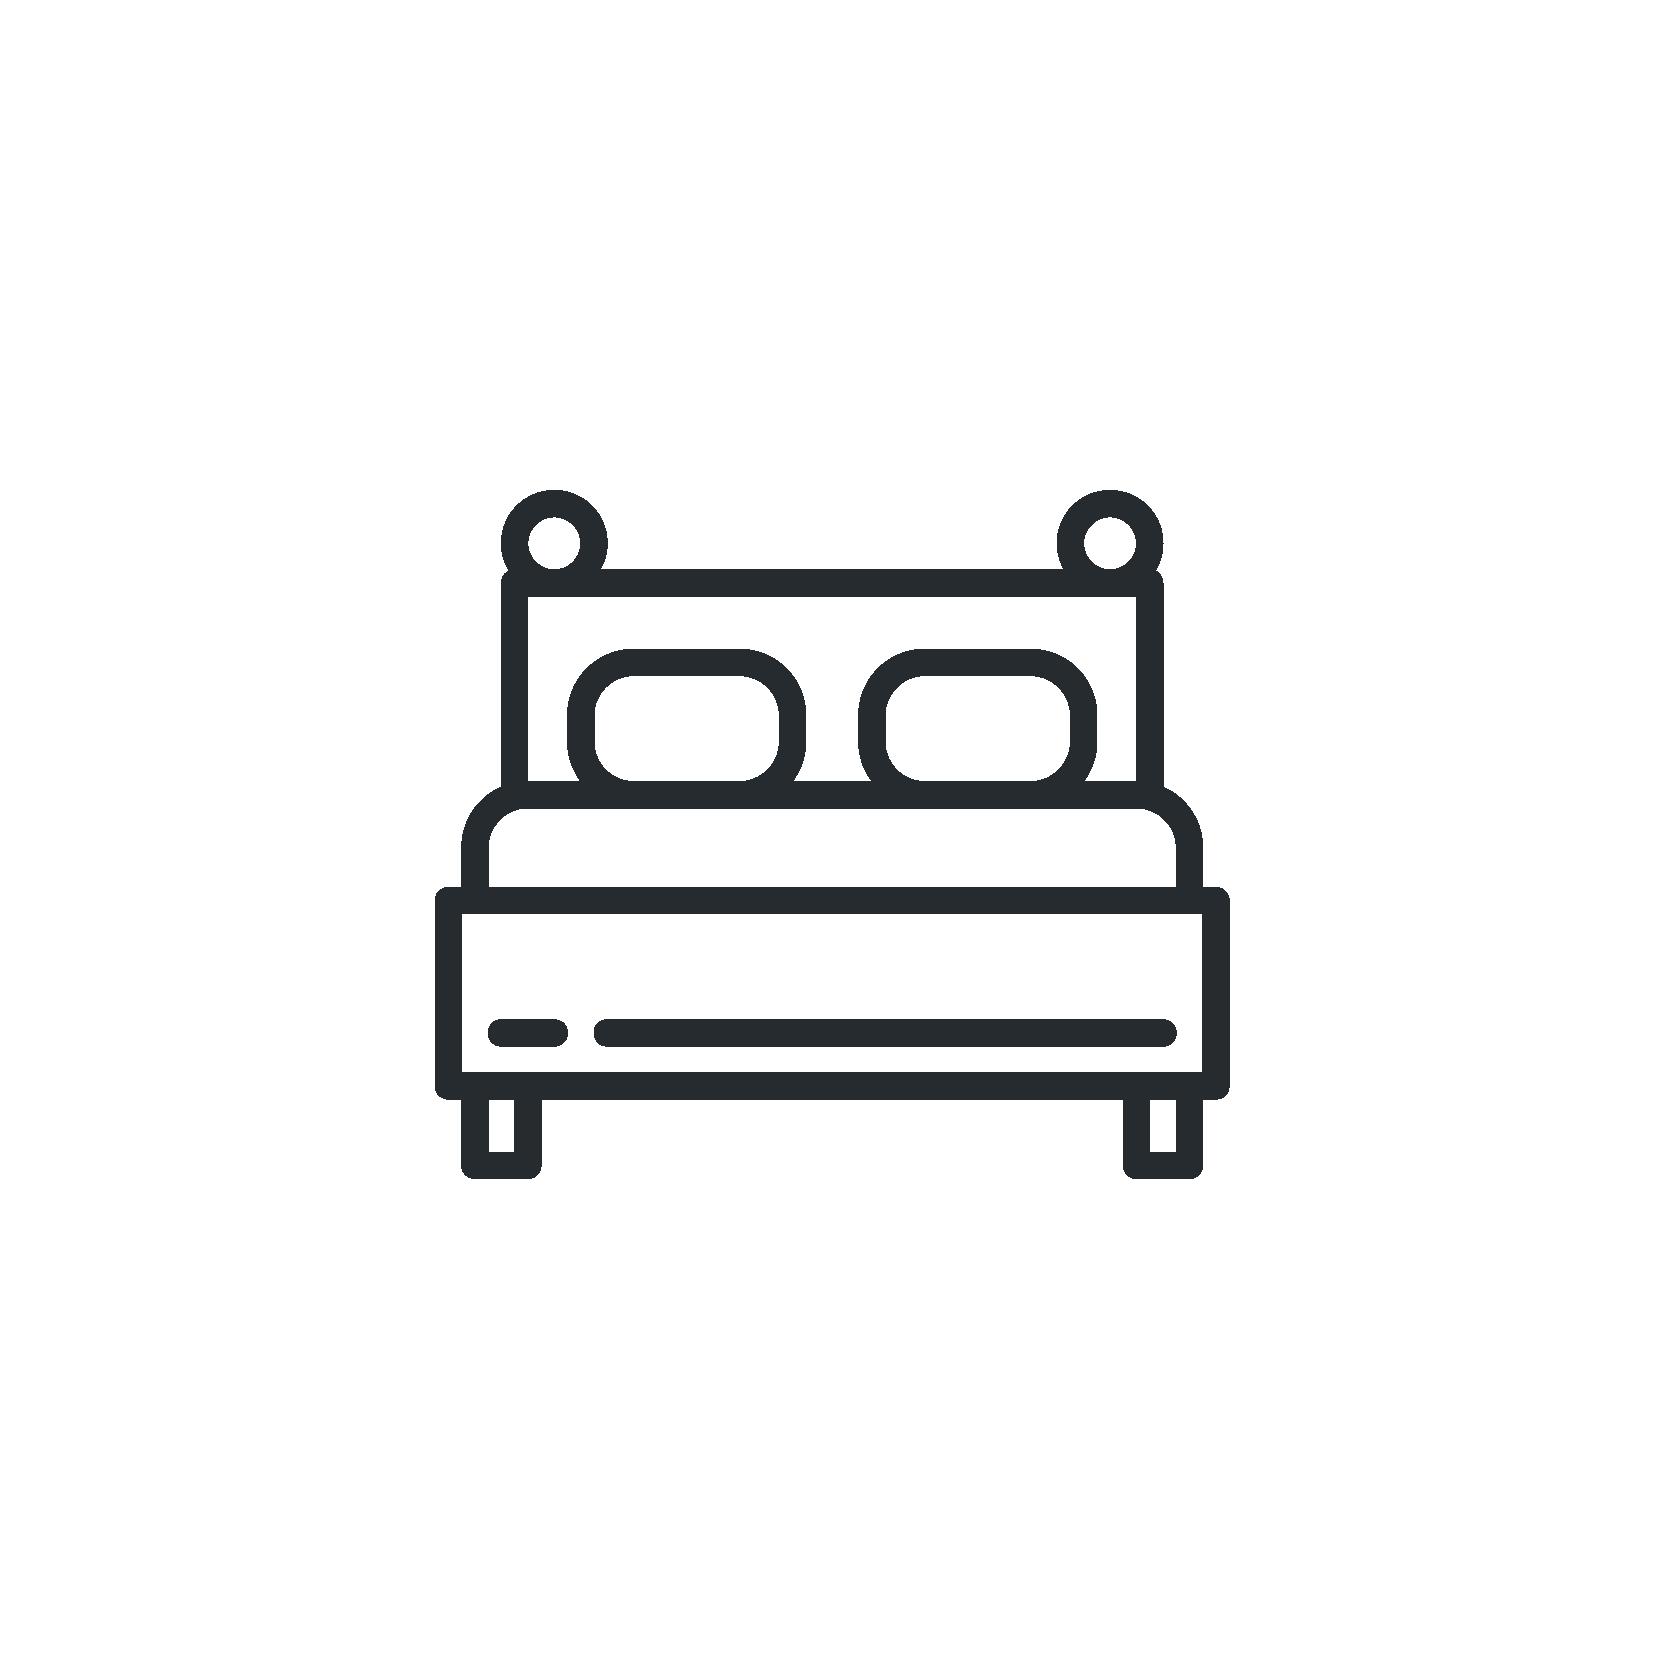 the_setup_icons-08